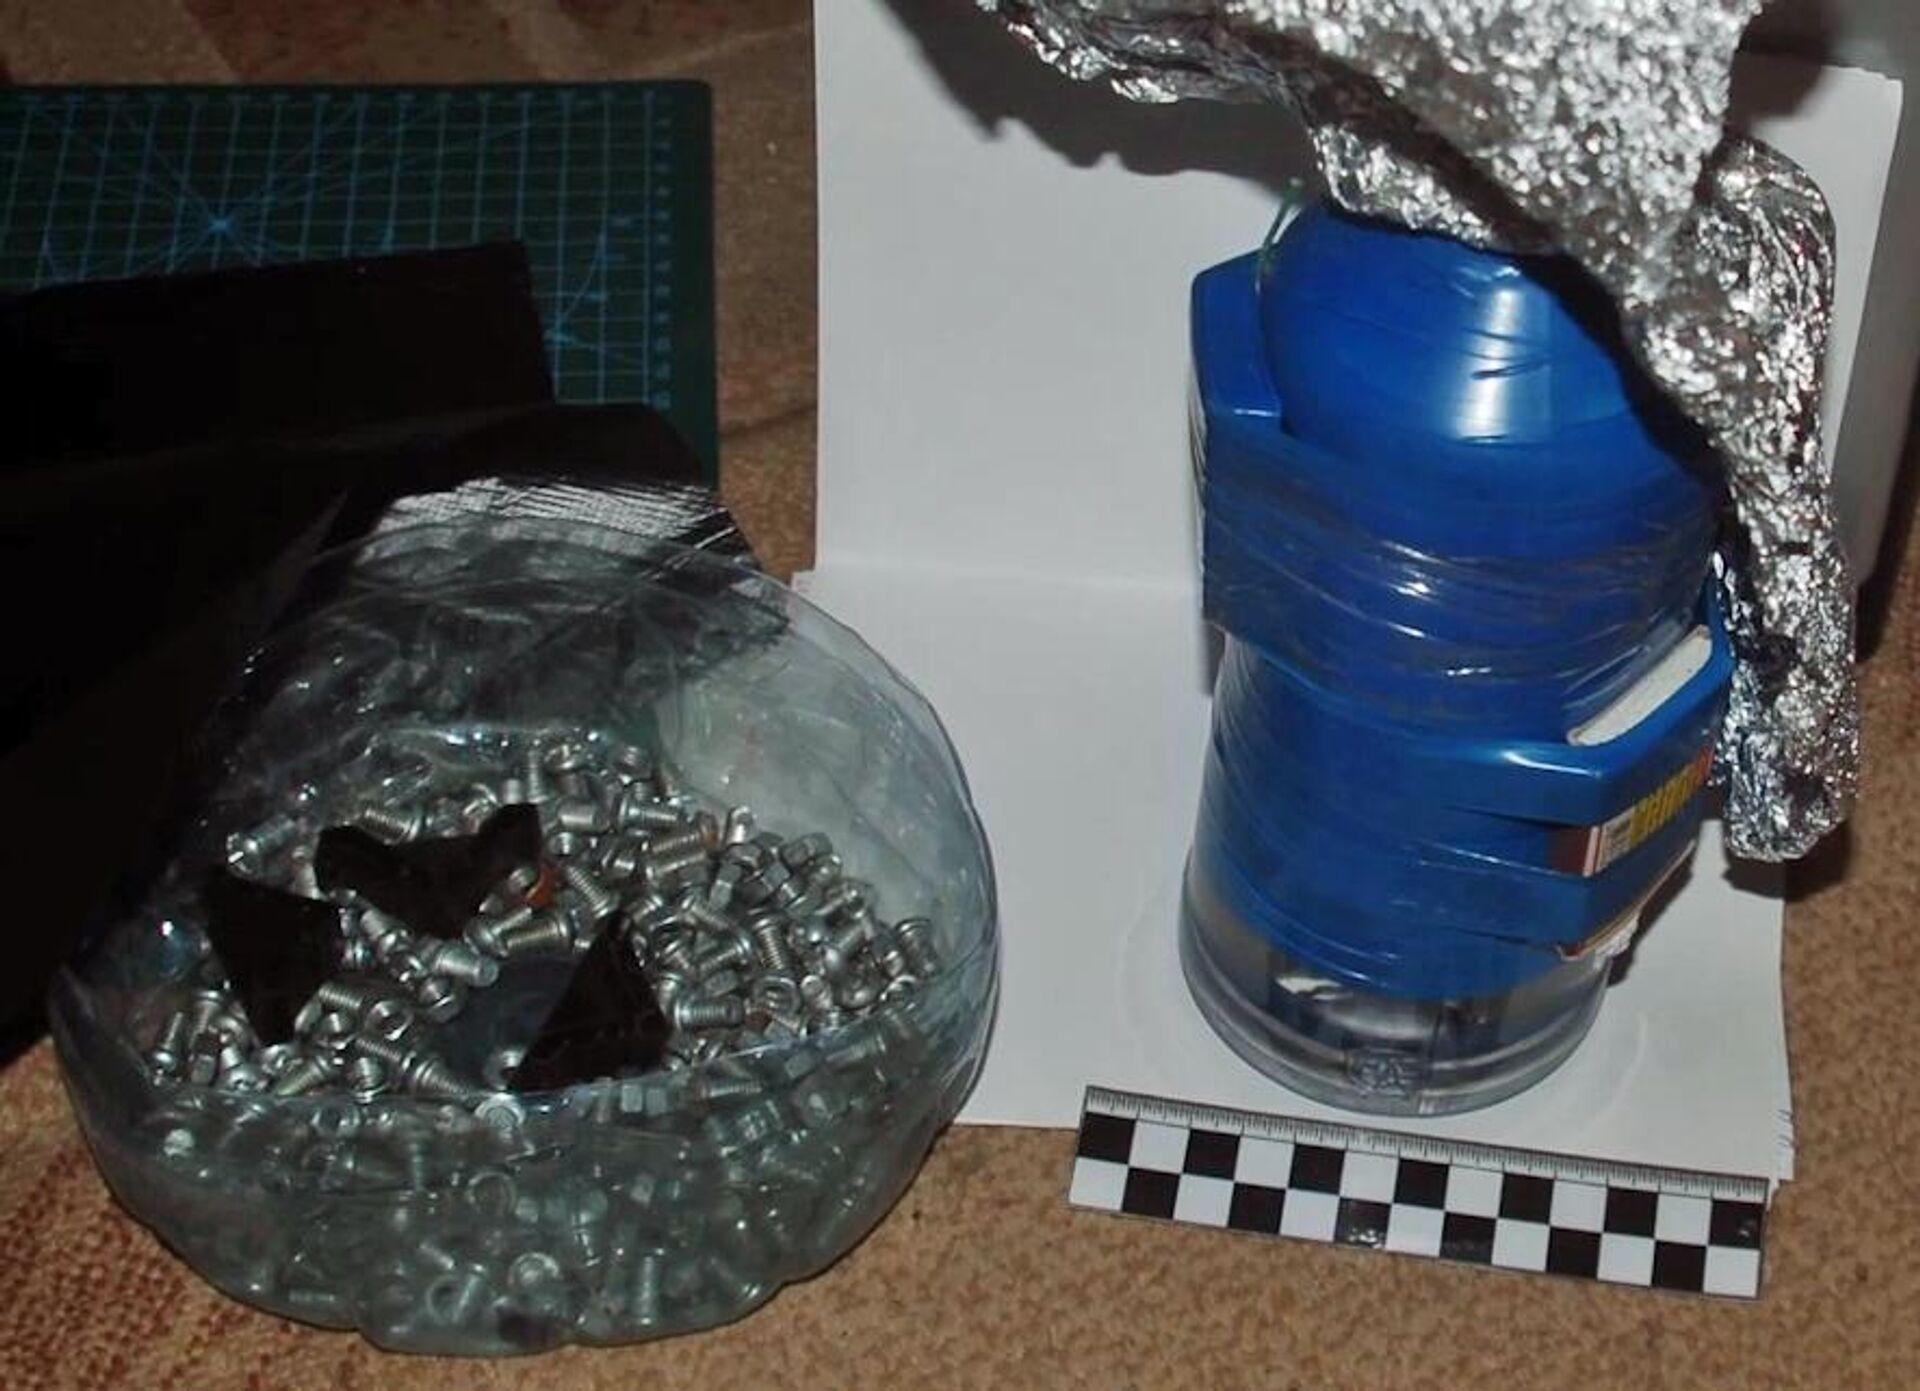 Una bomba casera hallada en el domicilio del detenido que planificaba un ataque terrorista  - Sputnik Mundo, 1920, 04.03.2021